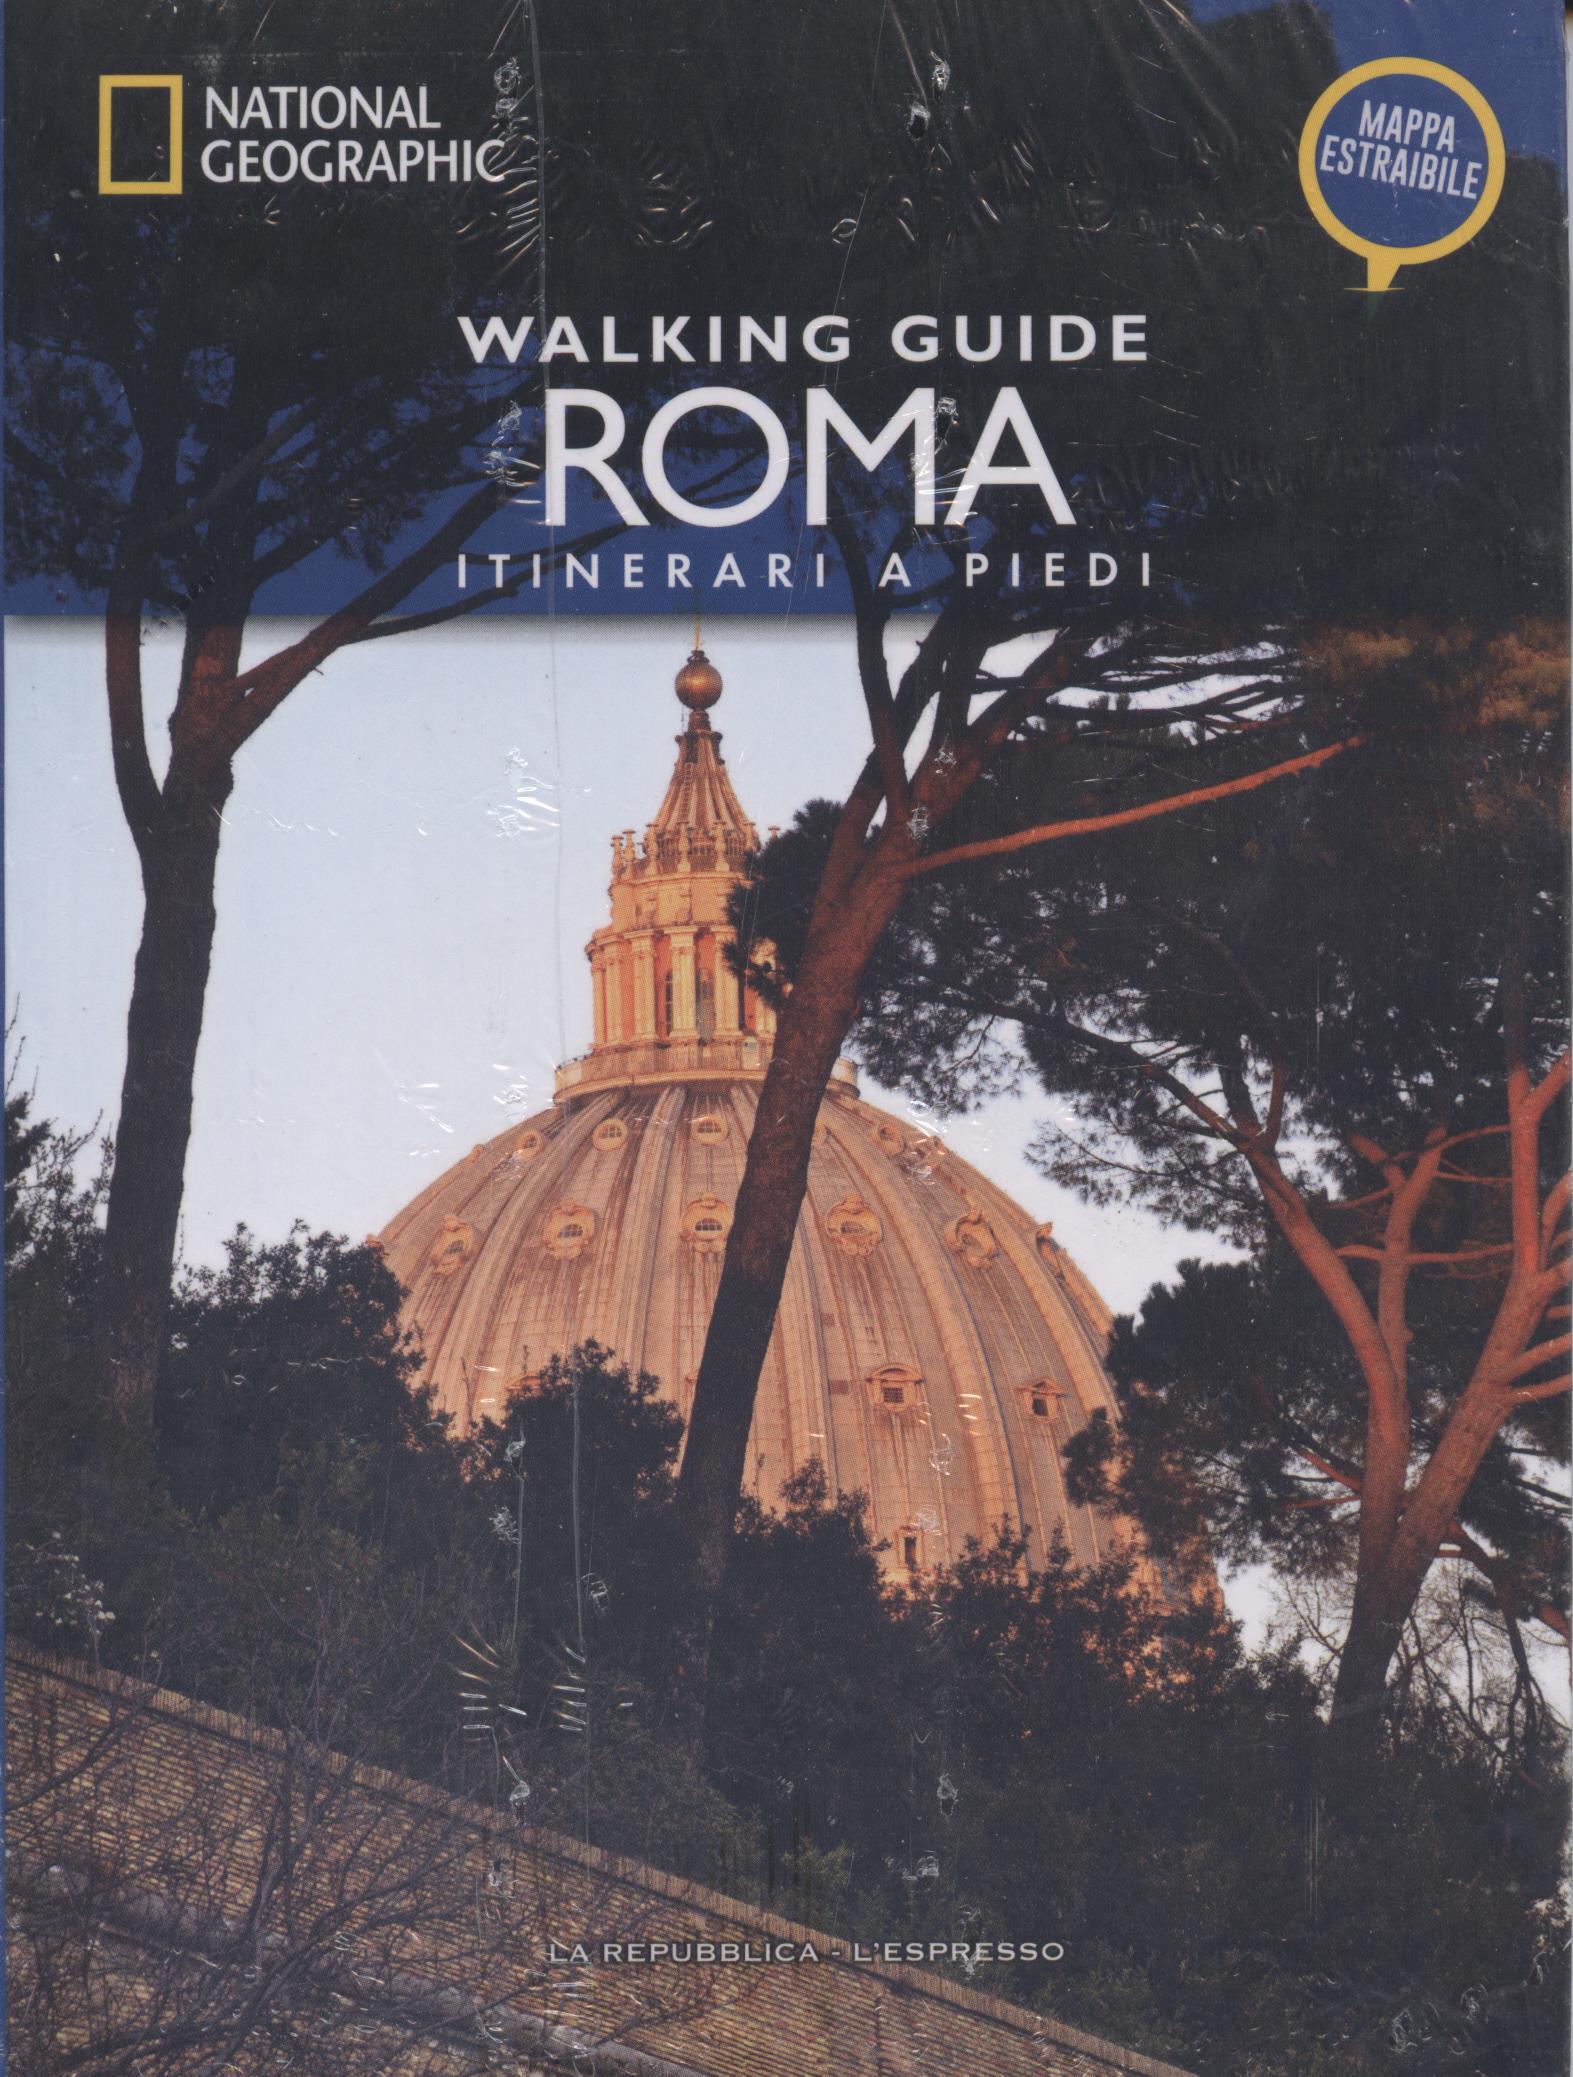 Roma: itinerari a piedi